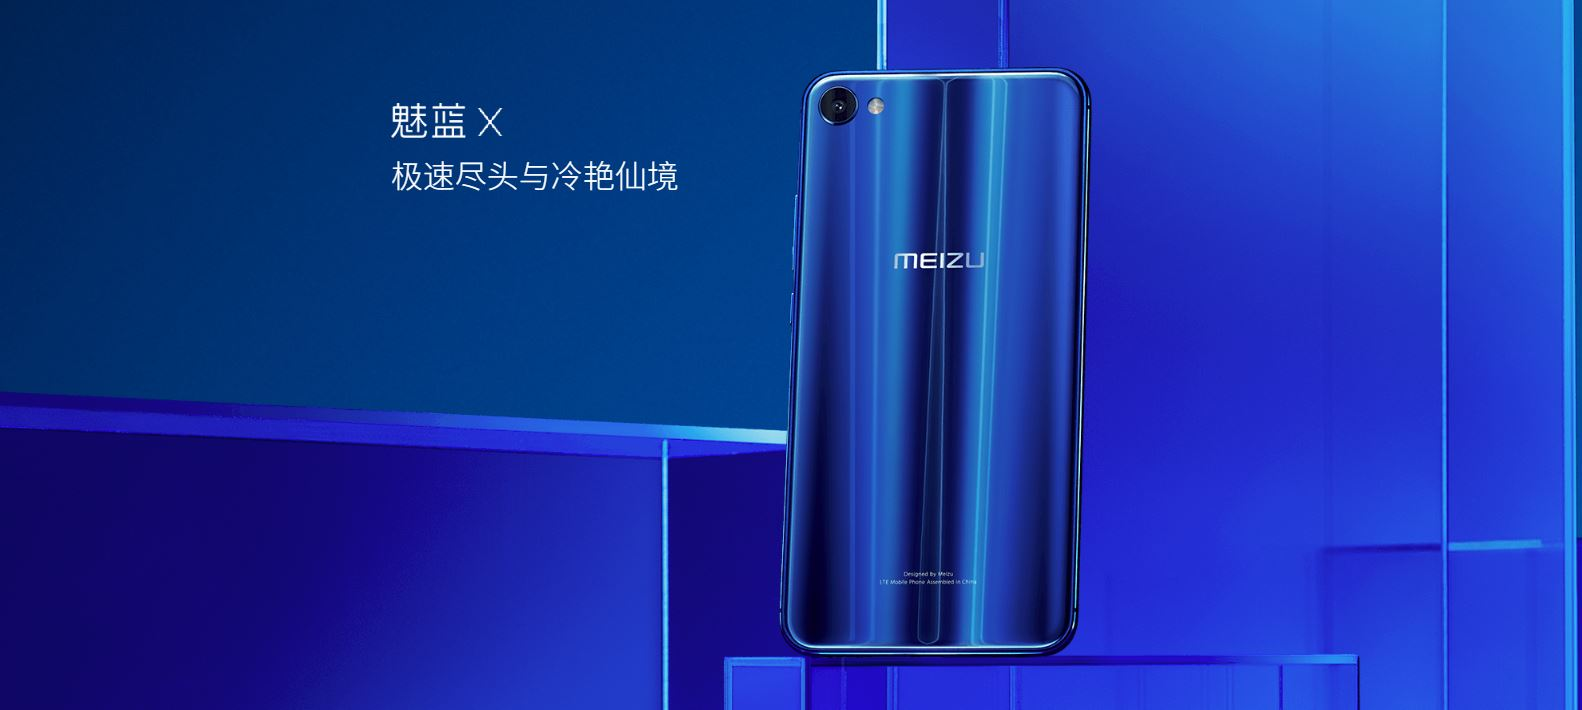 meizu-x-azul-web